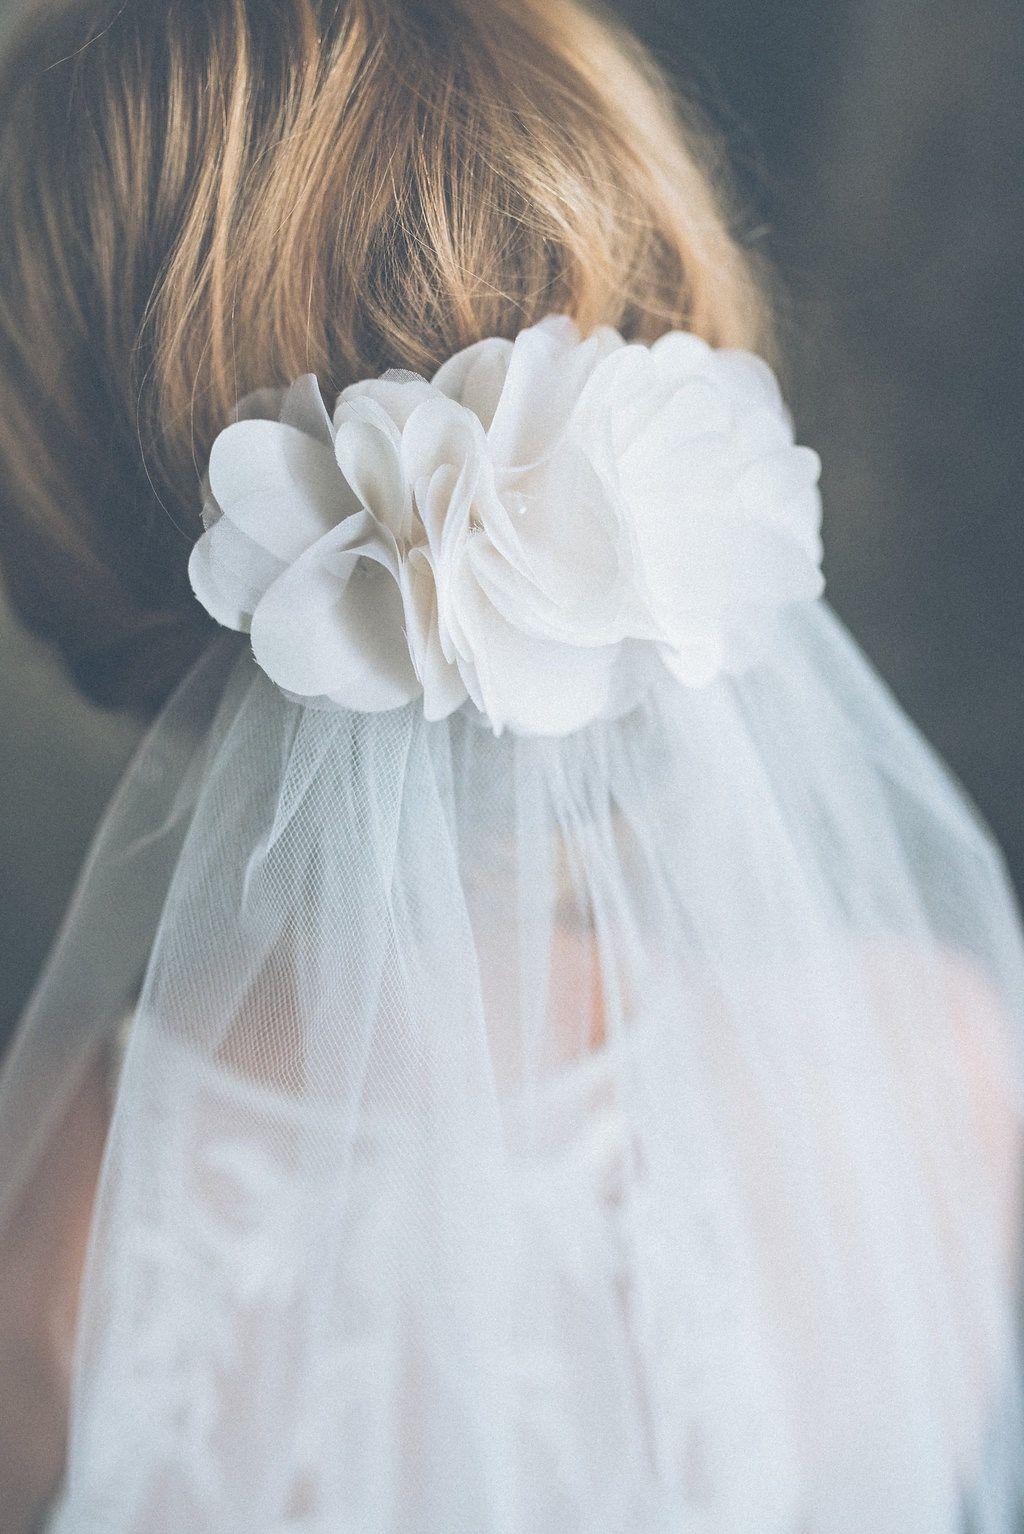 Brauthaarschmuck Hochzeit Seidenblutengesteck Haarkamm Valentine Www Bellejulie De In 2020 Haarschmuck Braut Schleier Braut Und Braut